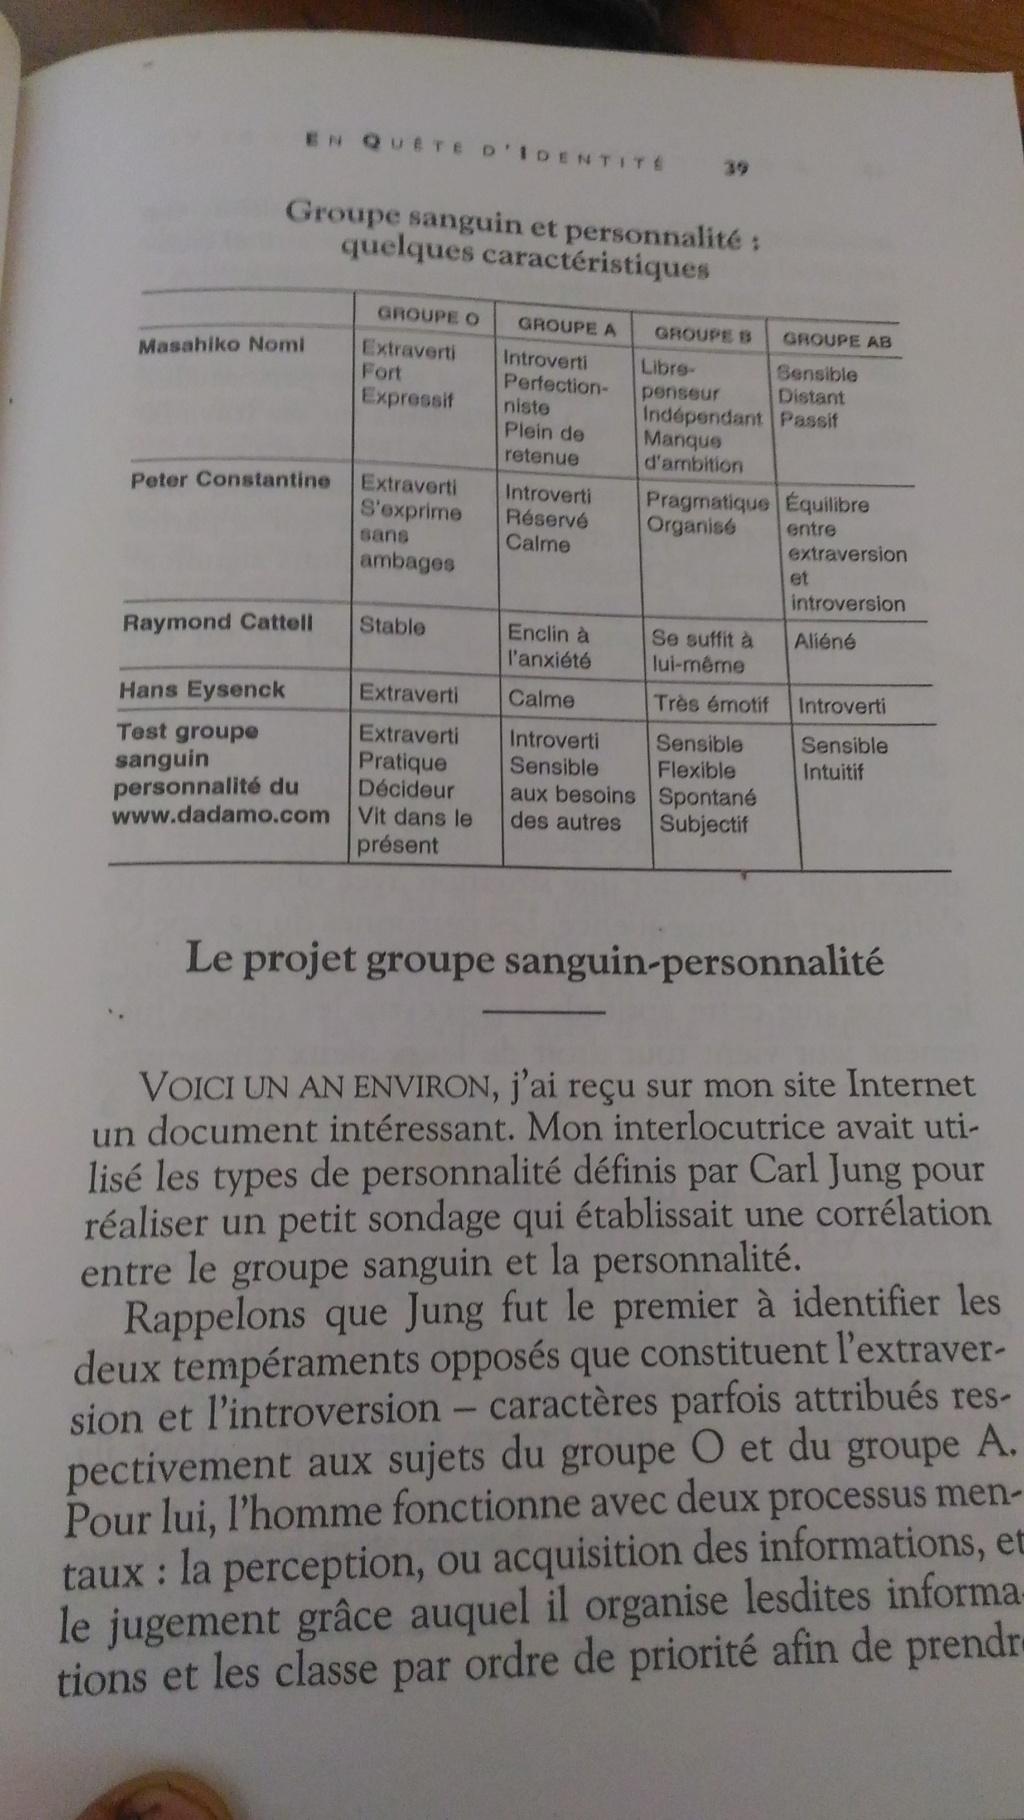 Personnalités & groupes sanguins P_201912